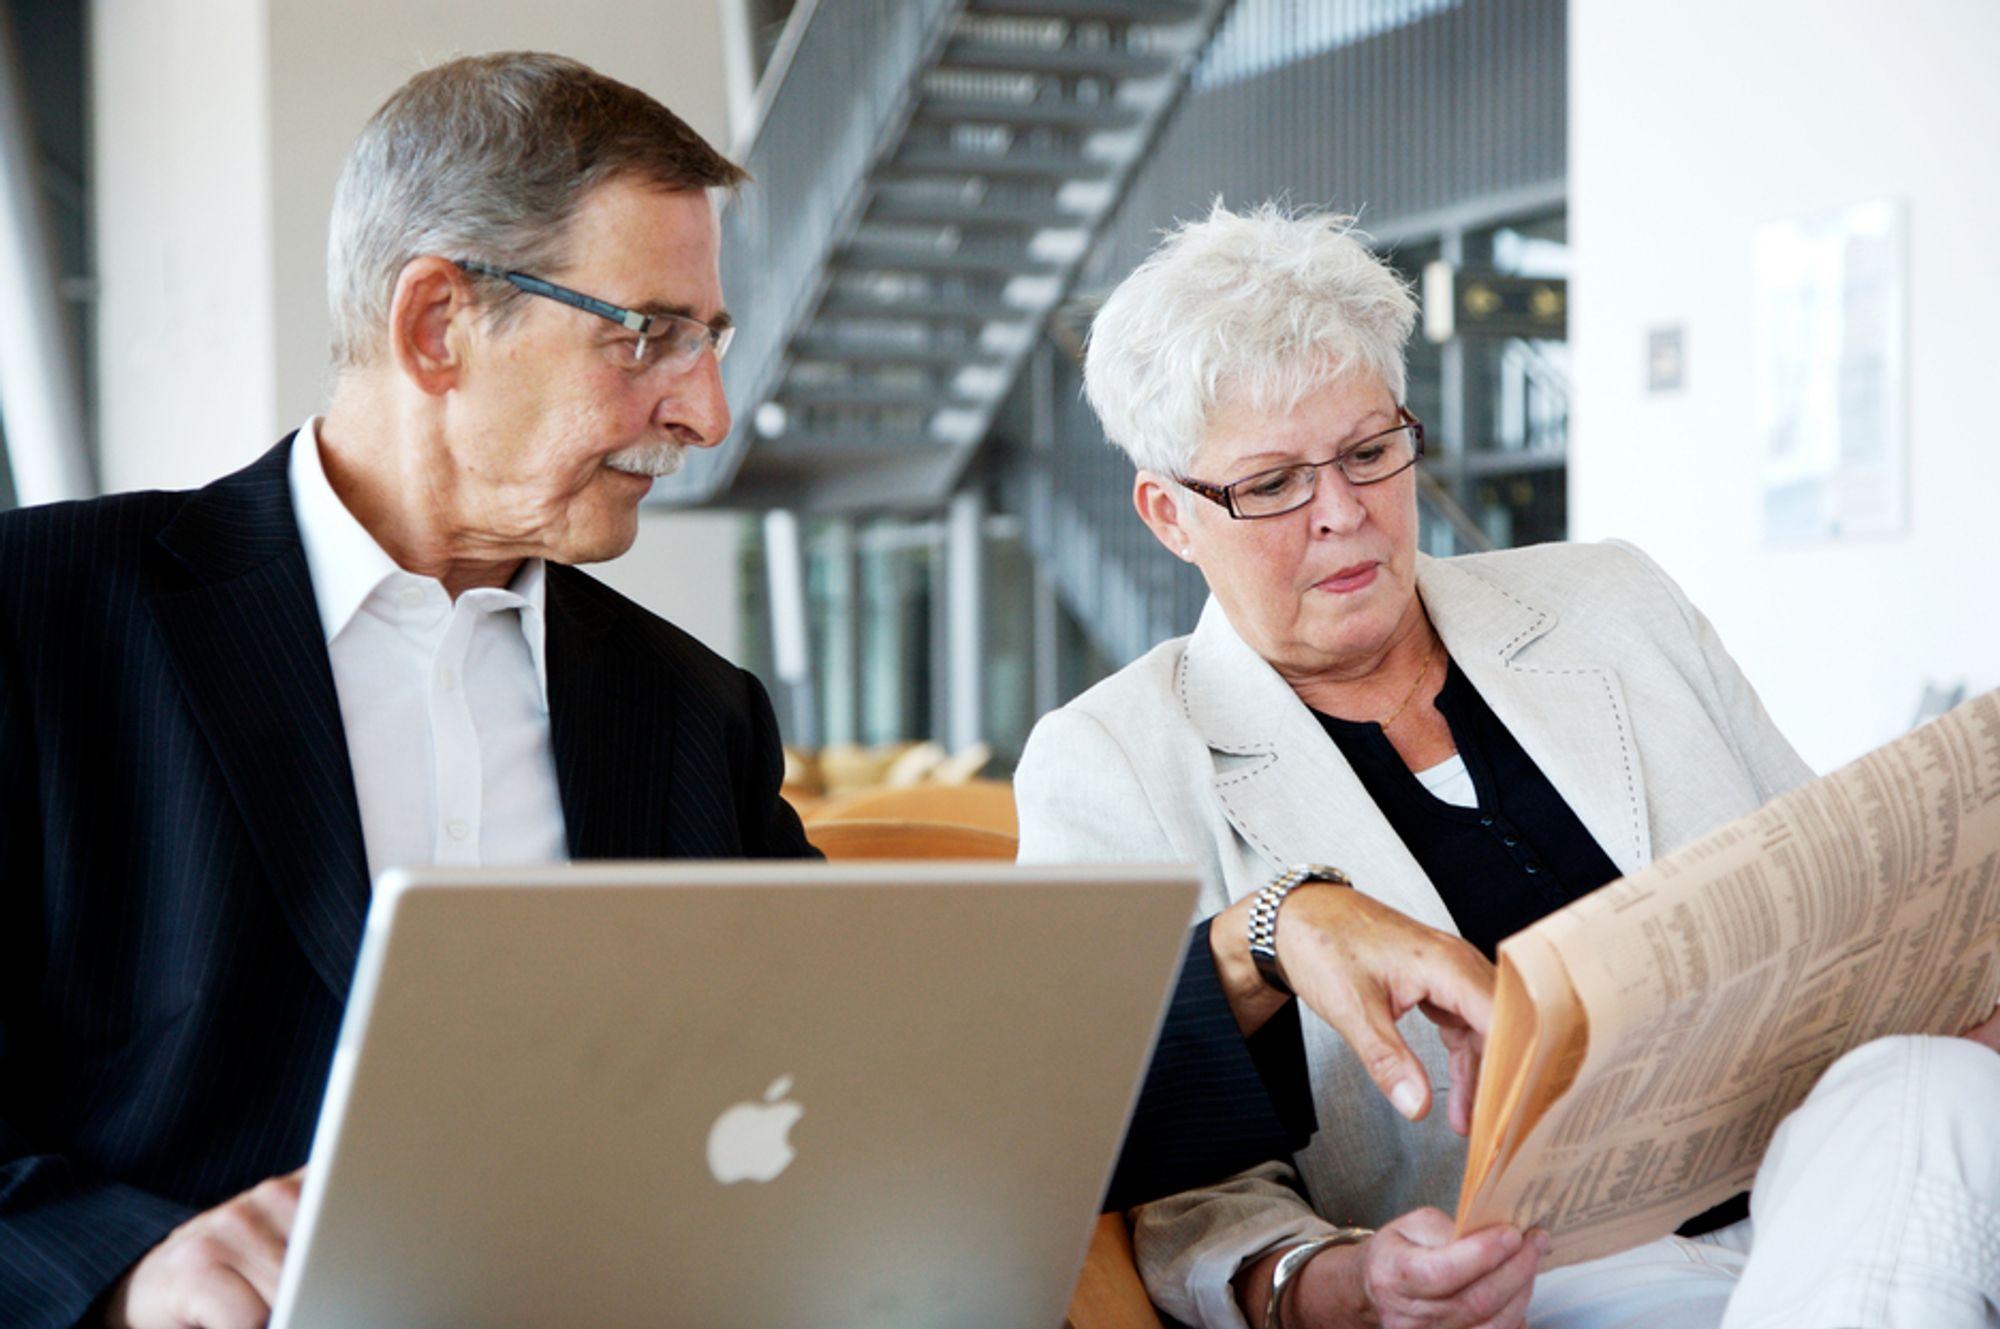 STÅR PÅ: Den nye pensjonsreformen vil gjøre det enda mer attraktiv å jobbe lenger, mener LOs sjeføkonom.